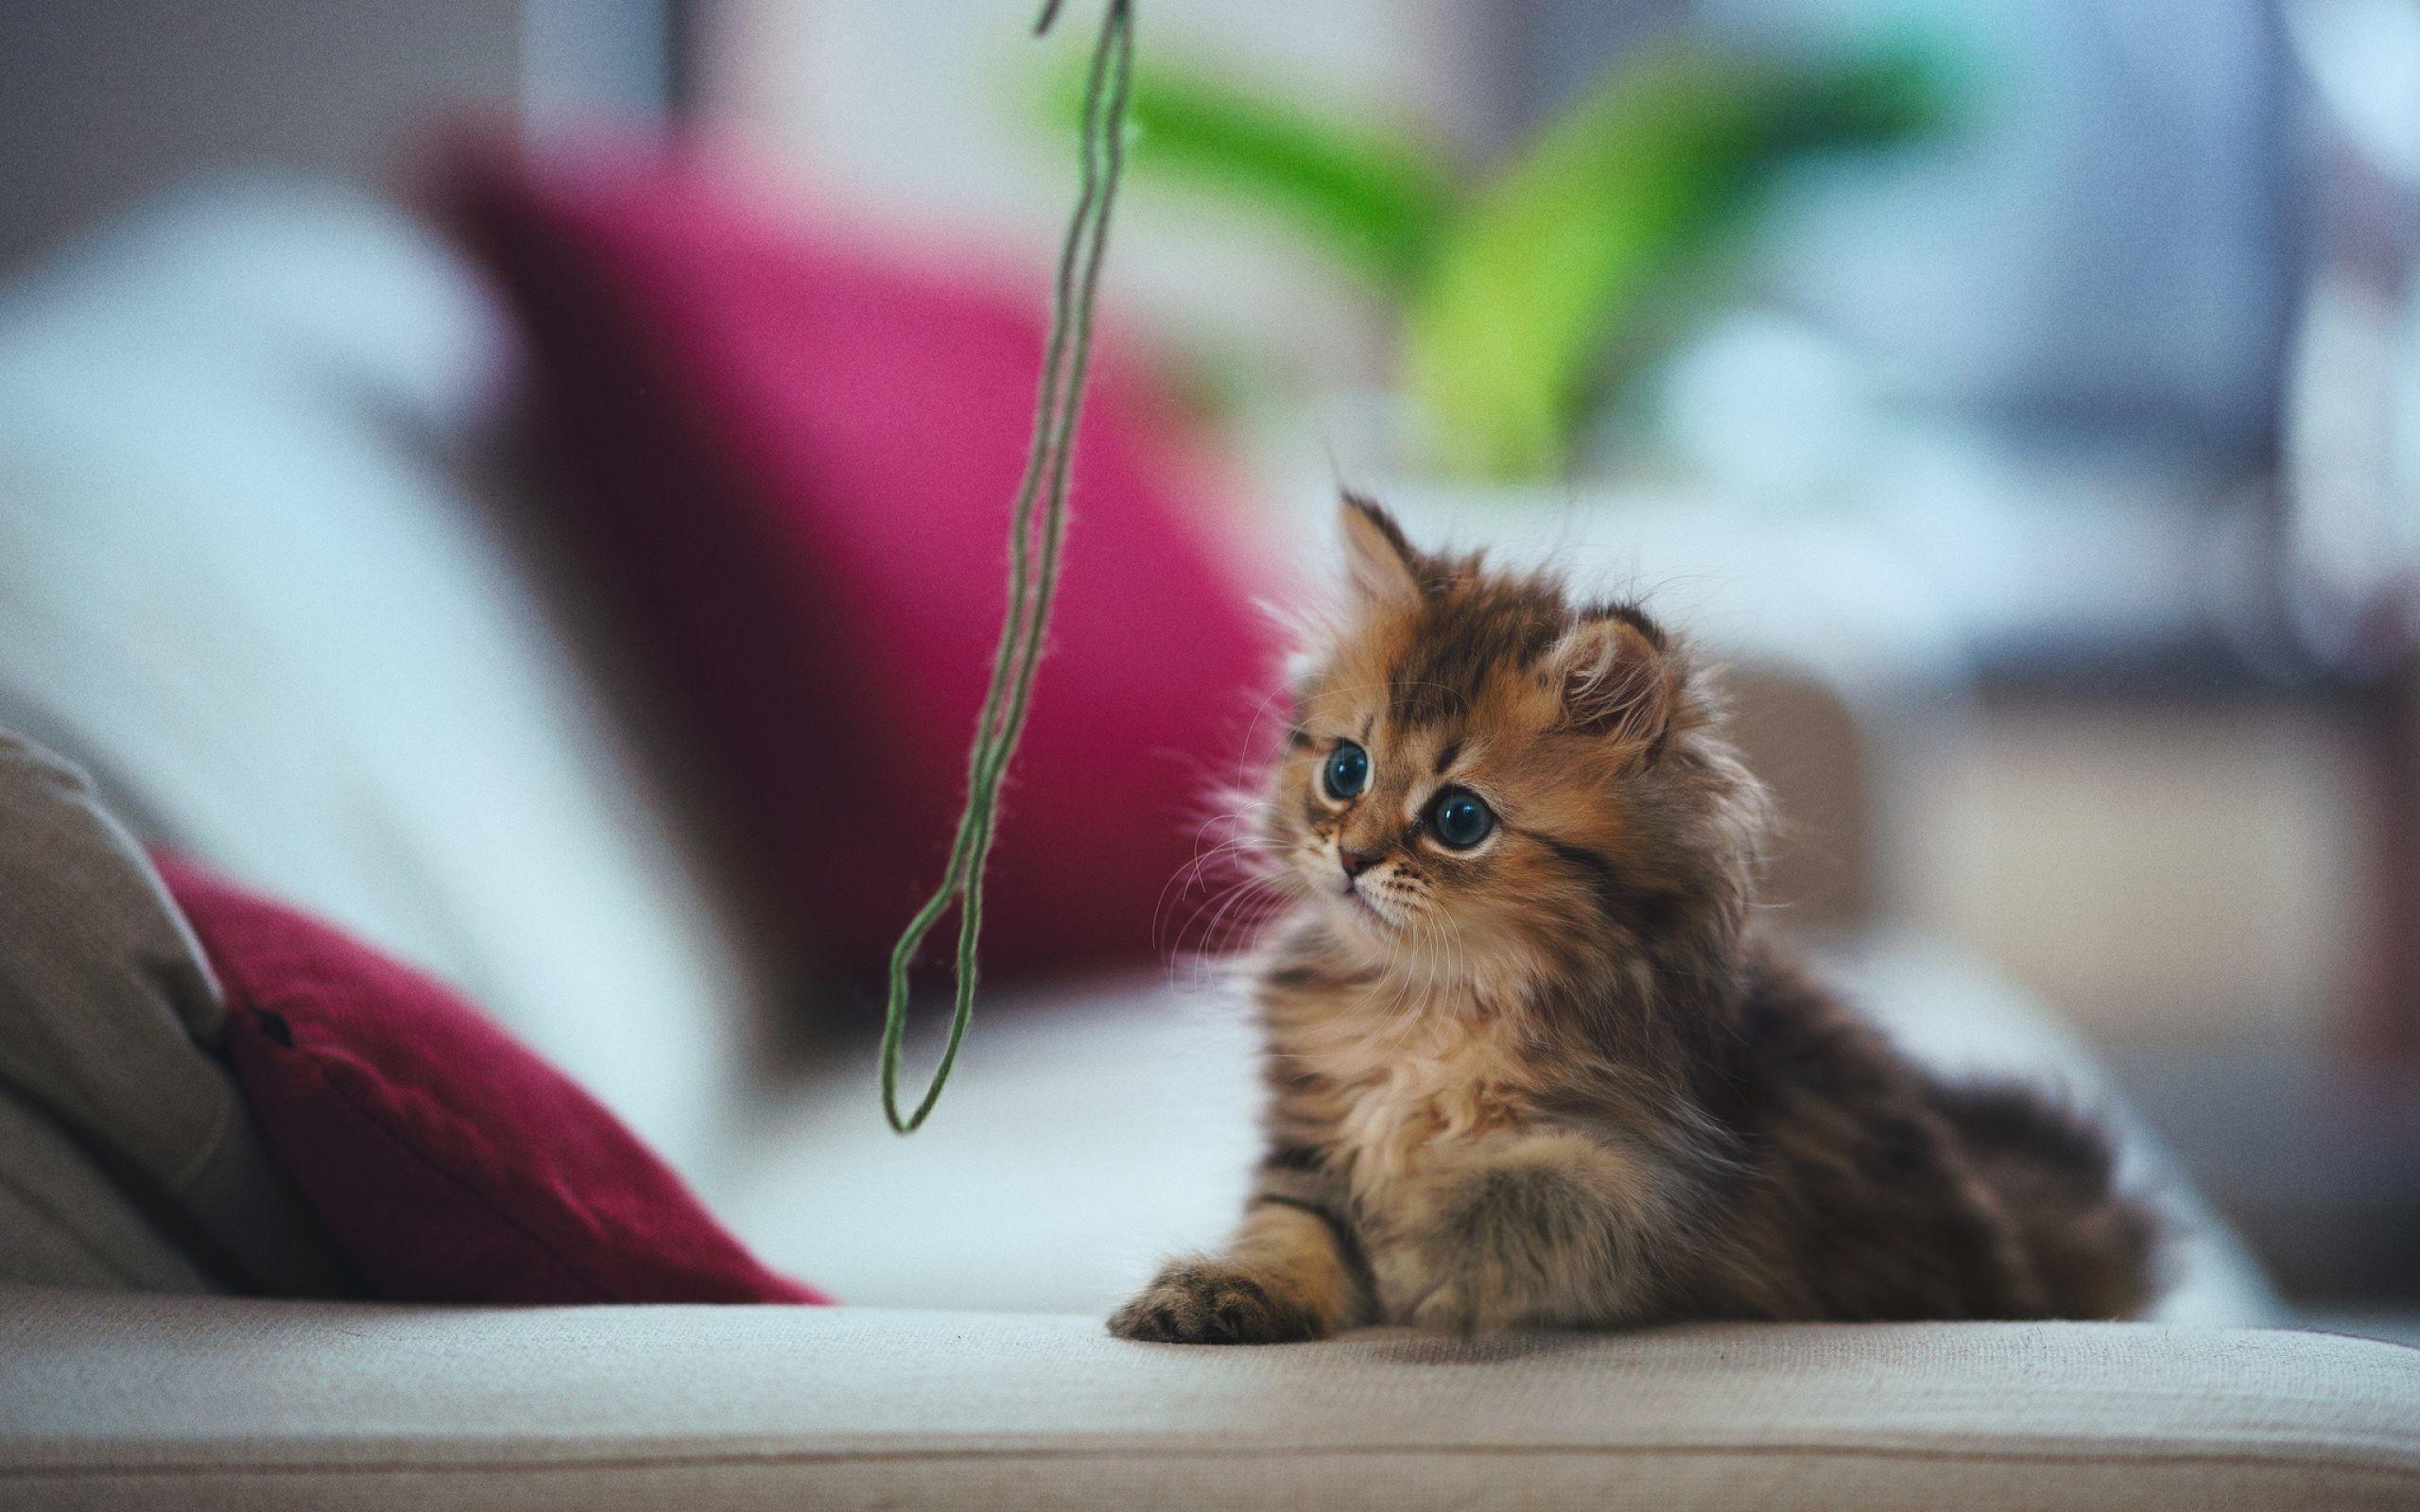 Kitten wallpaper for desktop 64 images - Kitten wallpaper ...